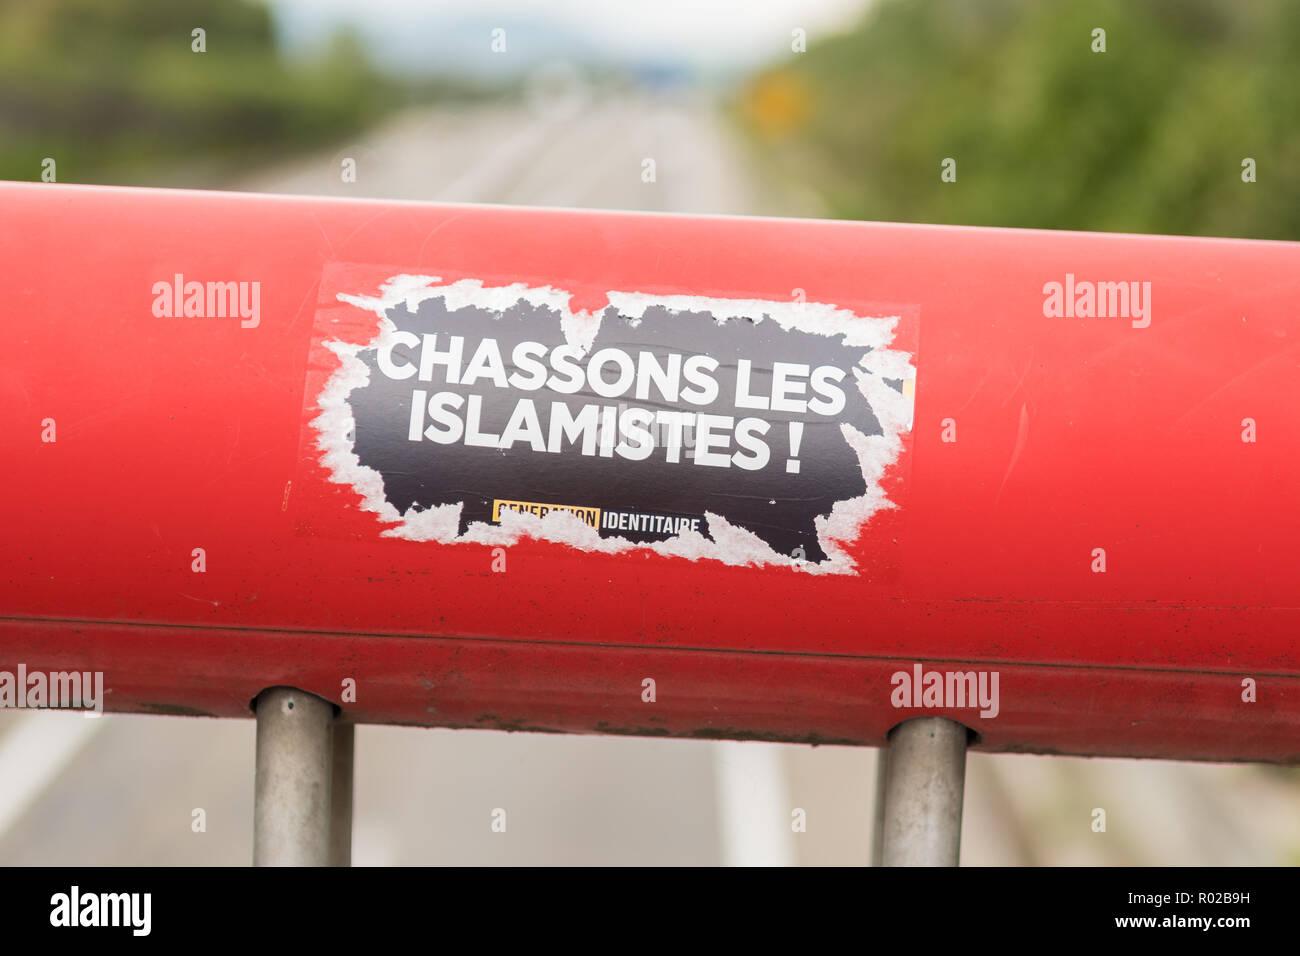 Génération identitaire sticker Chassons les islamistes sur bridge à Colmar, France, Europe Photo Stock